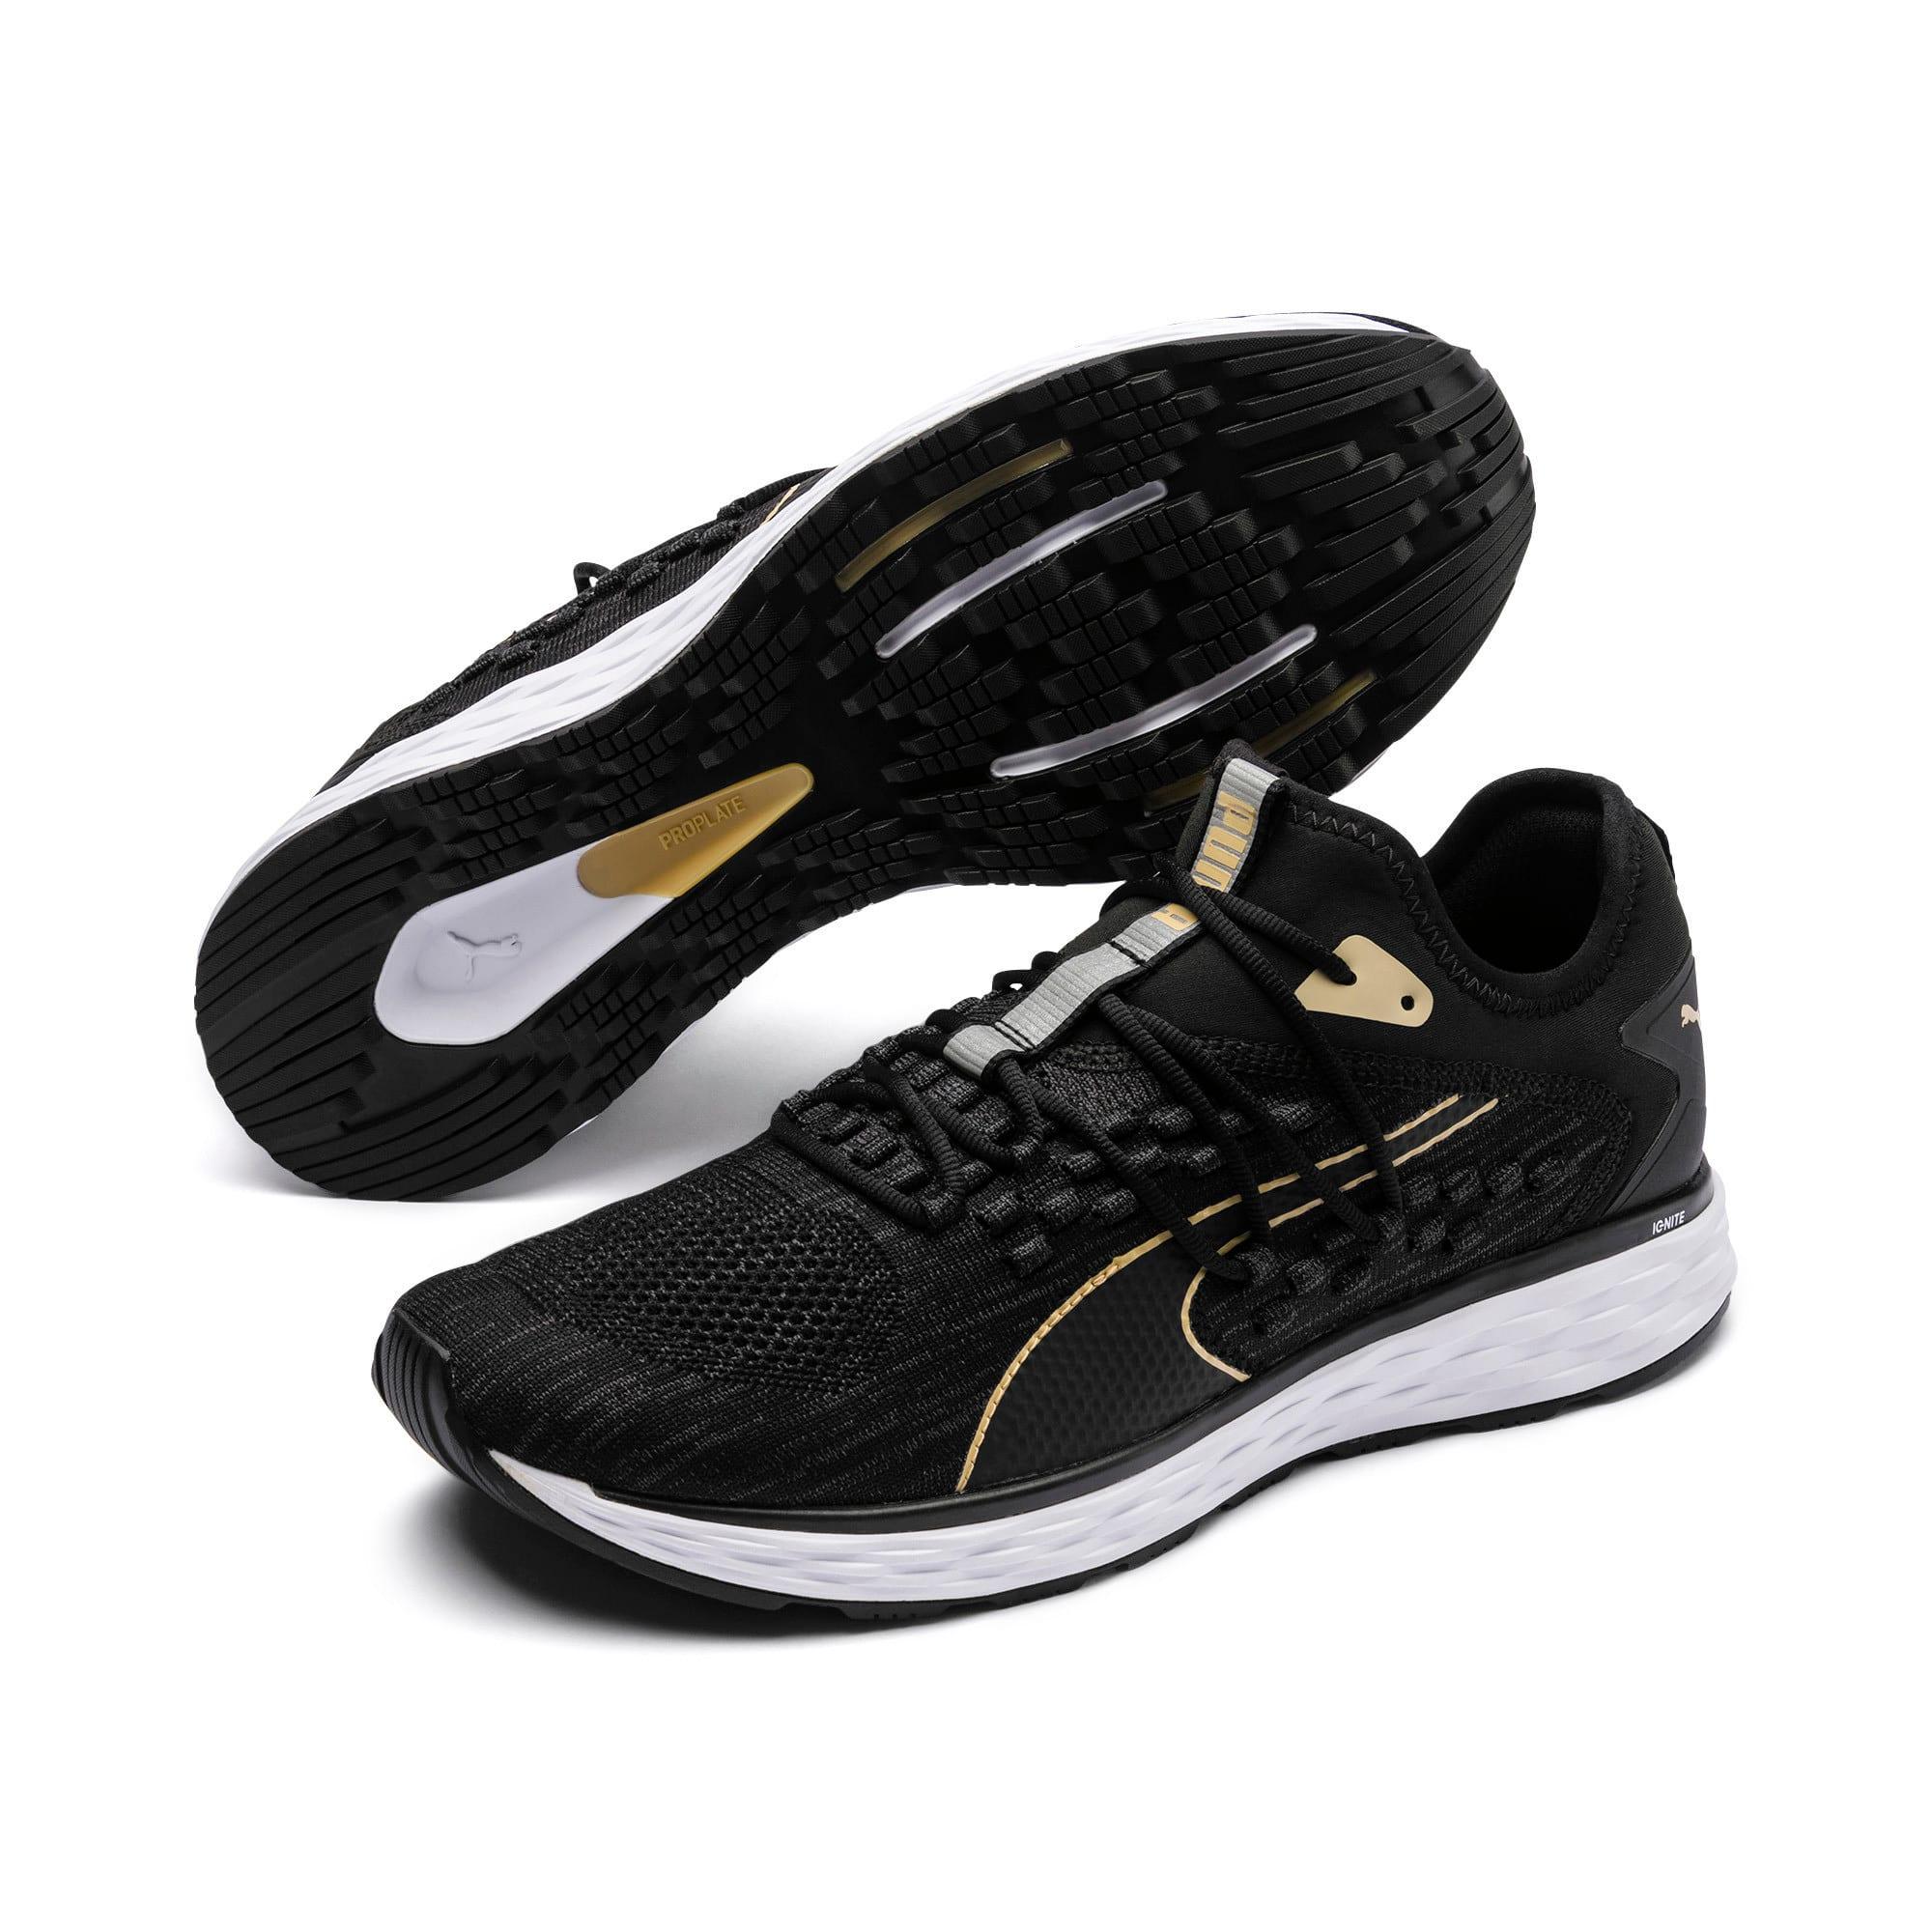 Thumbnail 3 of SPEED FUSEFIT Men's Running Shoes, Black-White-Taos Taupe, medium